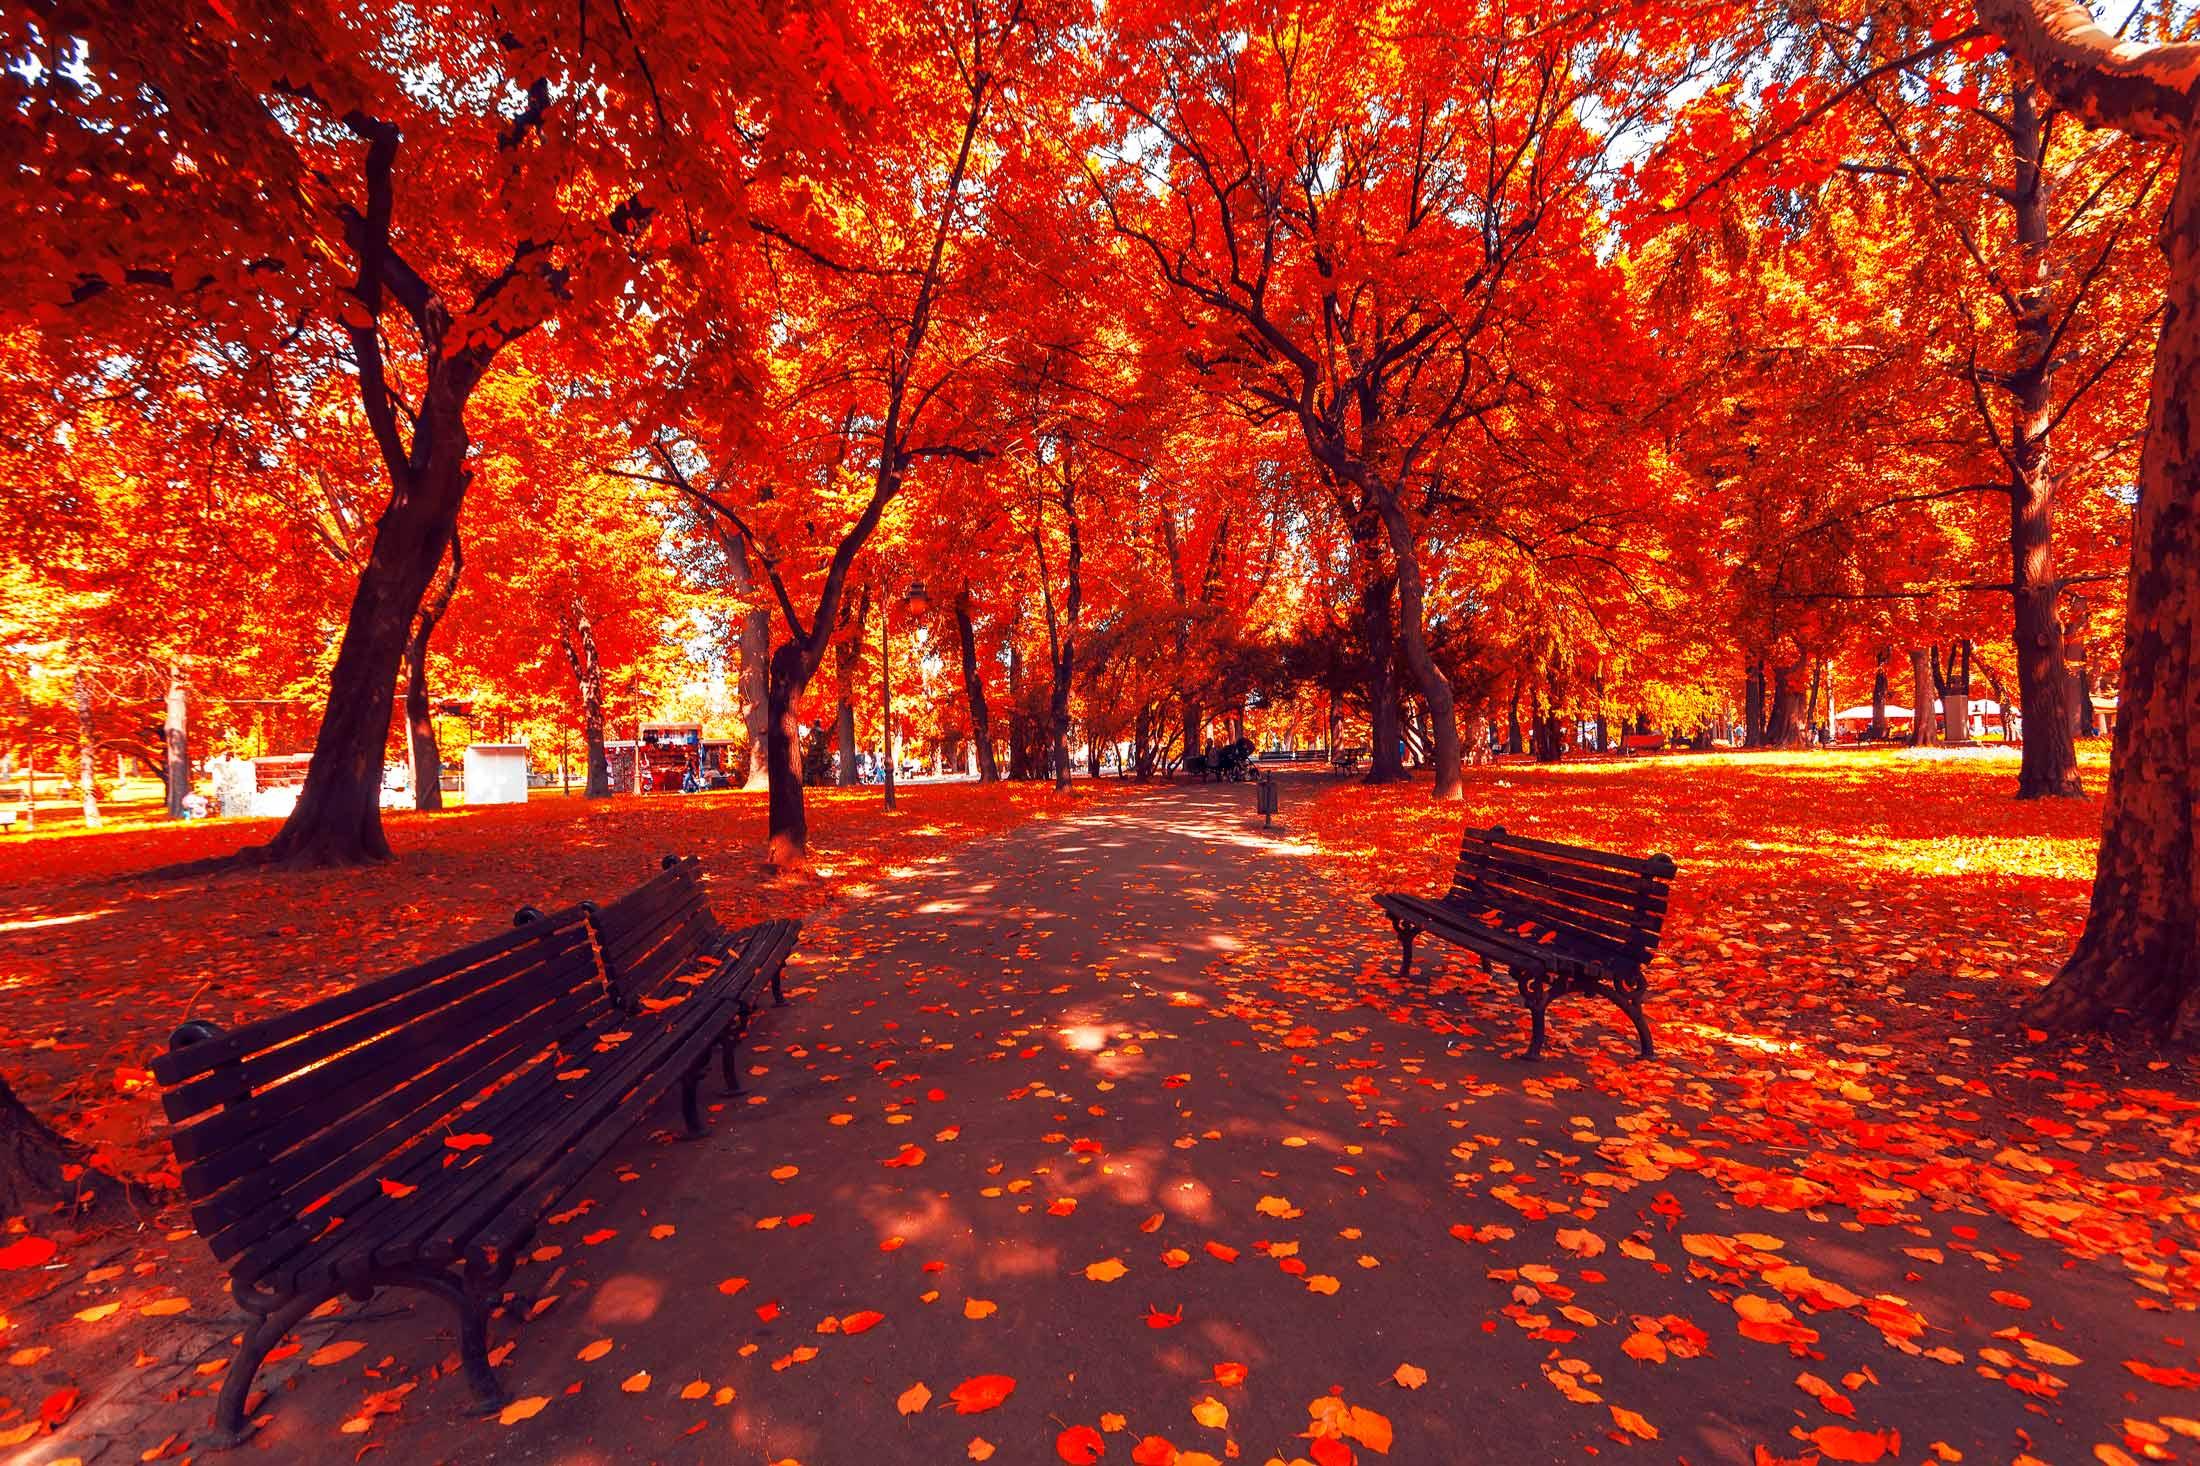 осінь жовтень листопад жовте листя